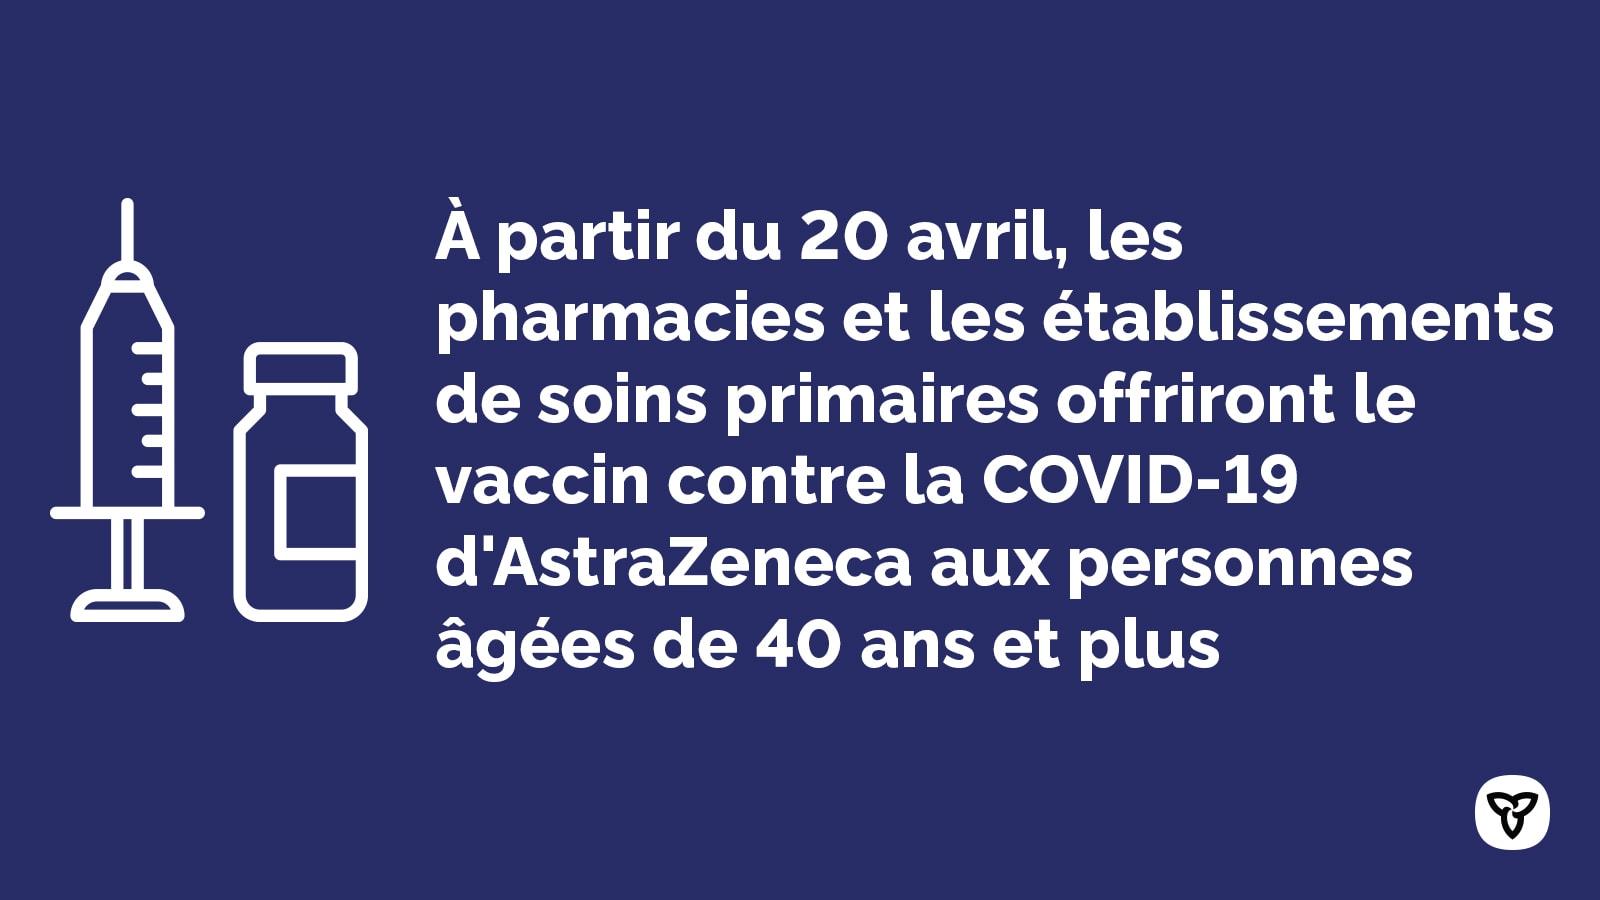 À partir du 20 avril, les pharmacies et les établissements de soins primaries offriront le vaccin contra la COVID-19 d'AstraZeneca aux personnes âgées de 40 ans et plus